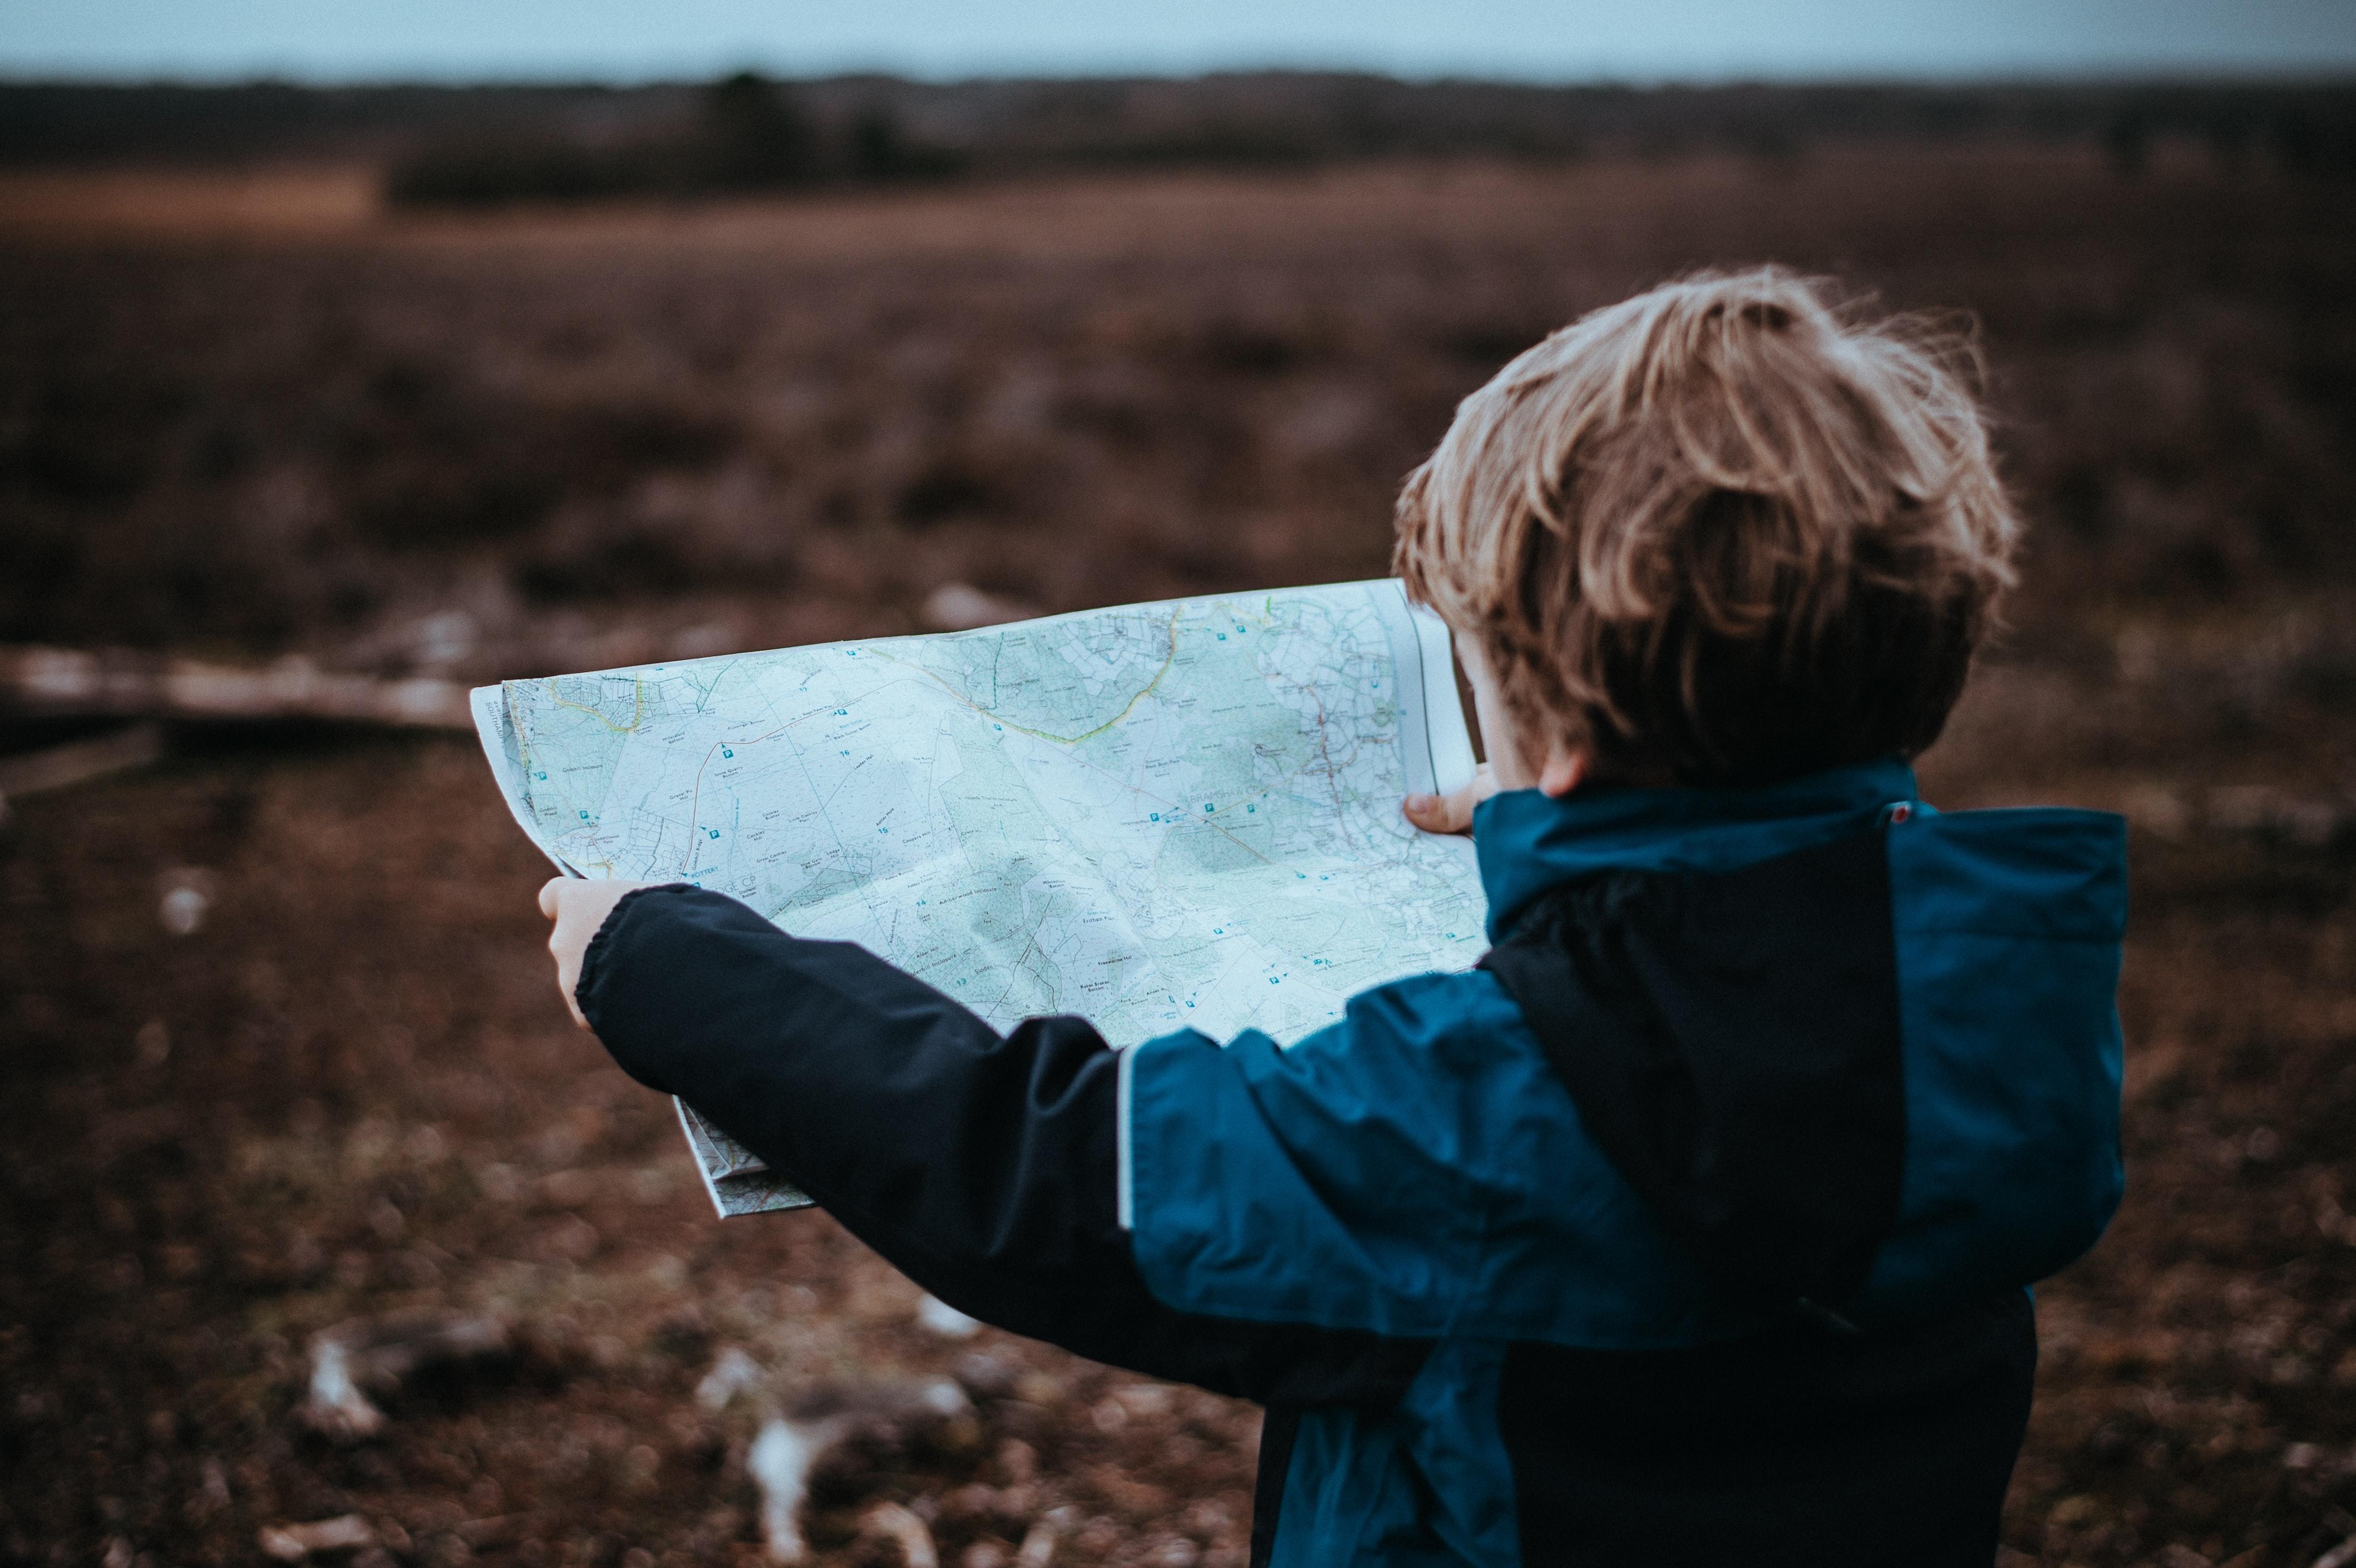 harita hiking trekking doğa yuruyusu